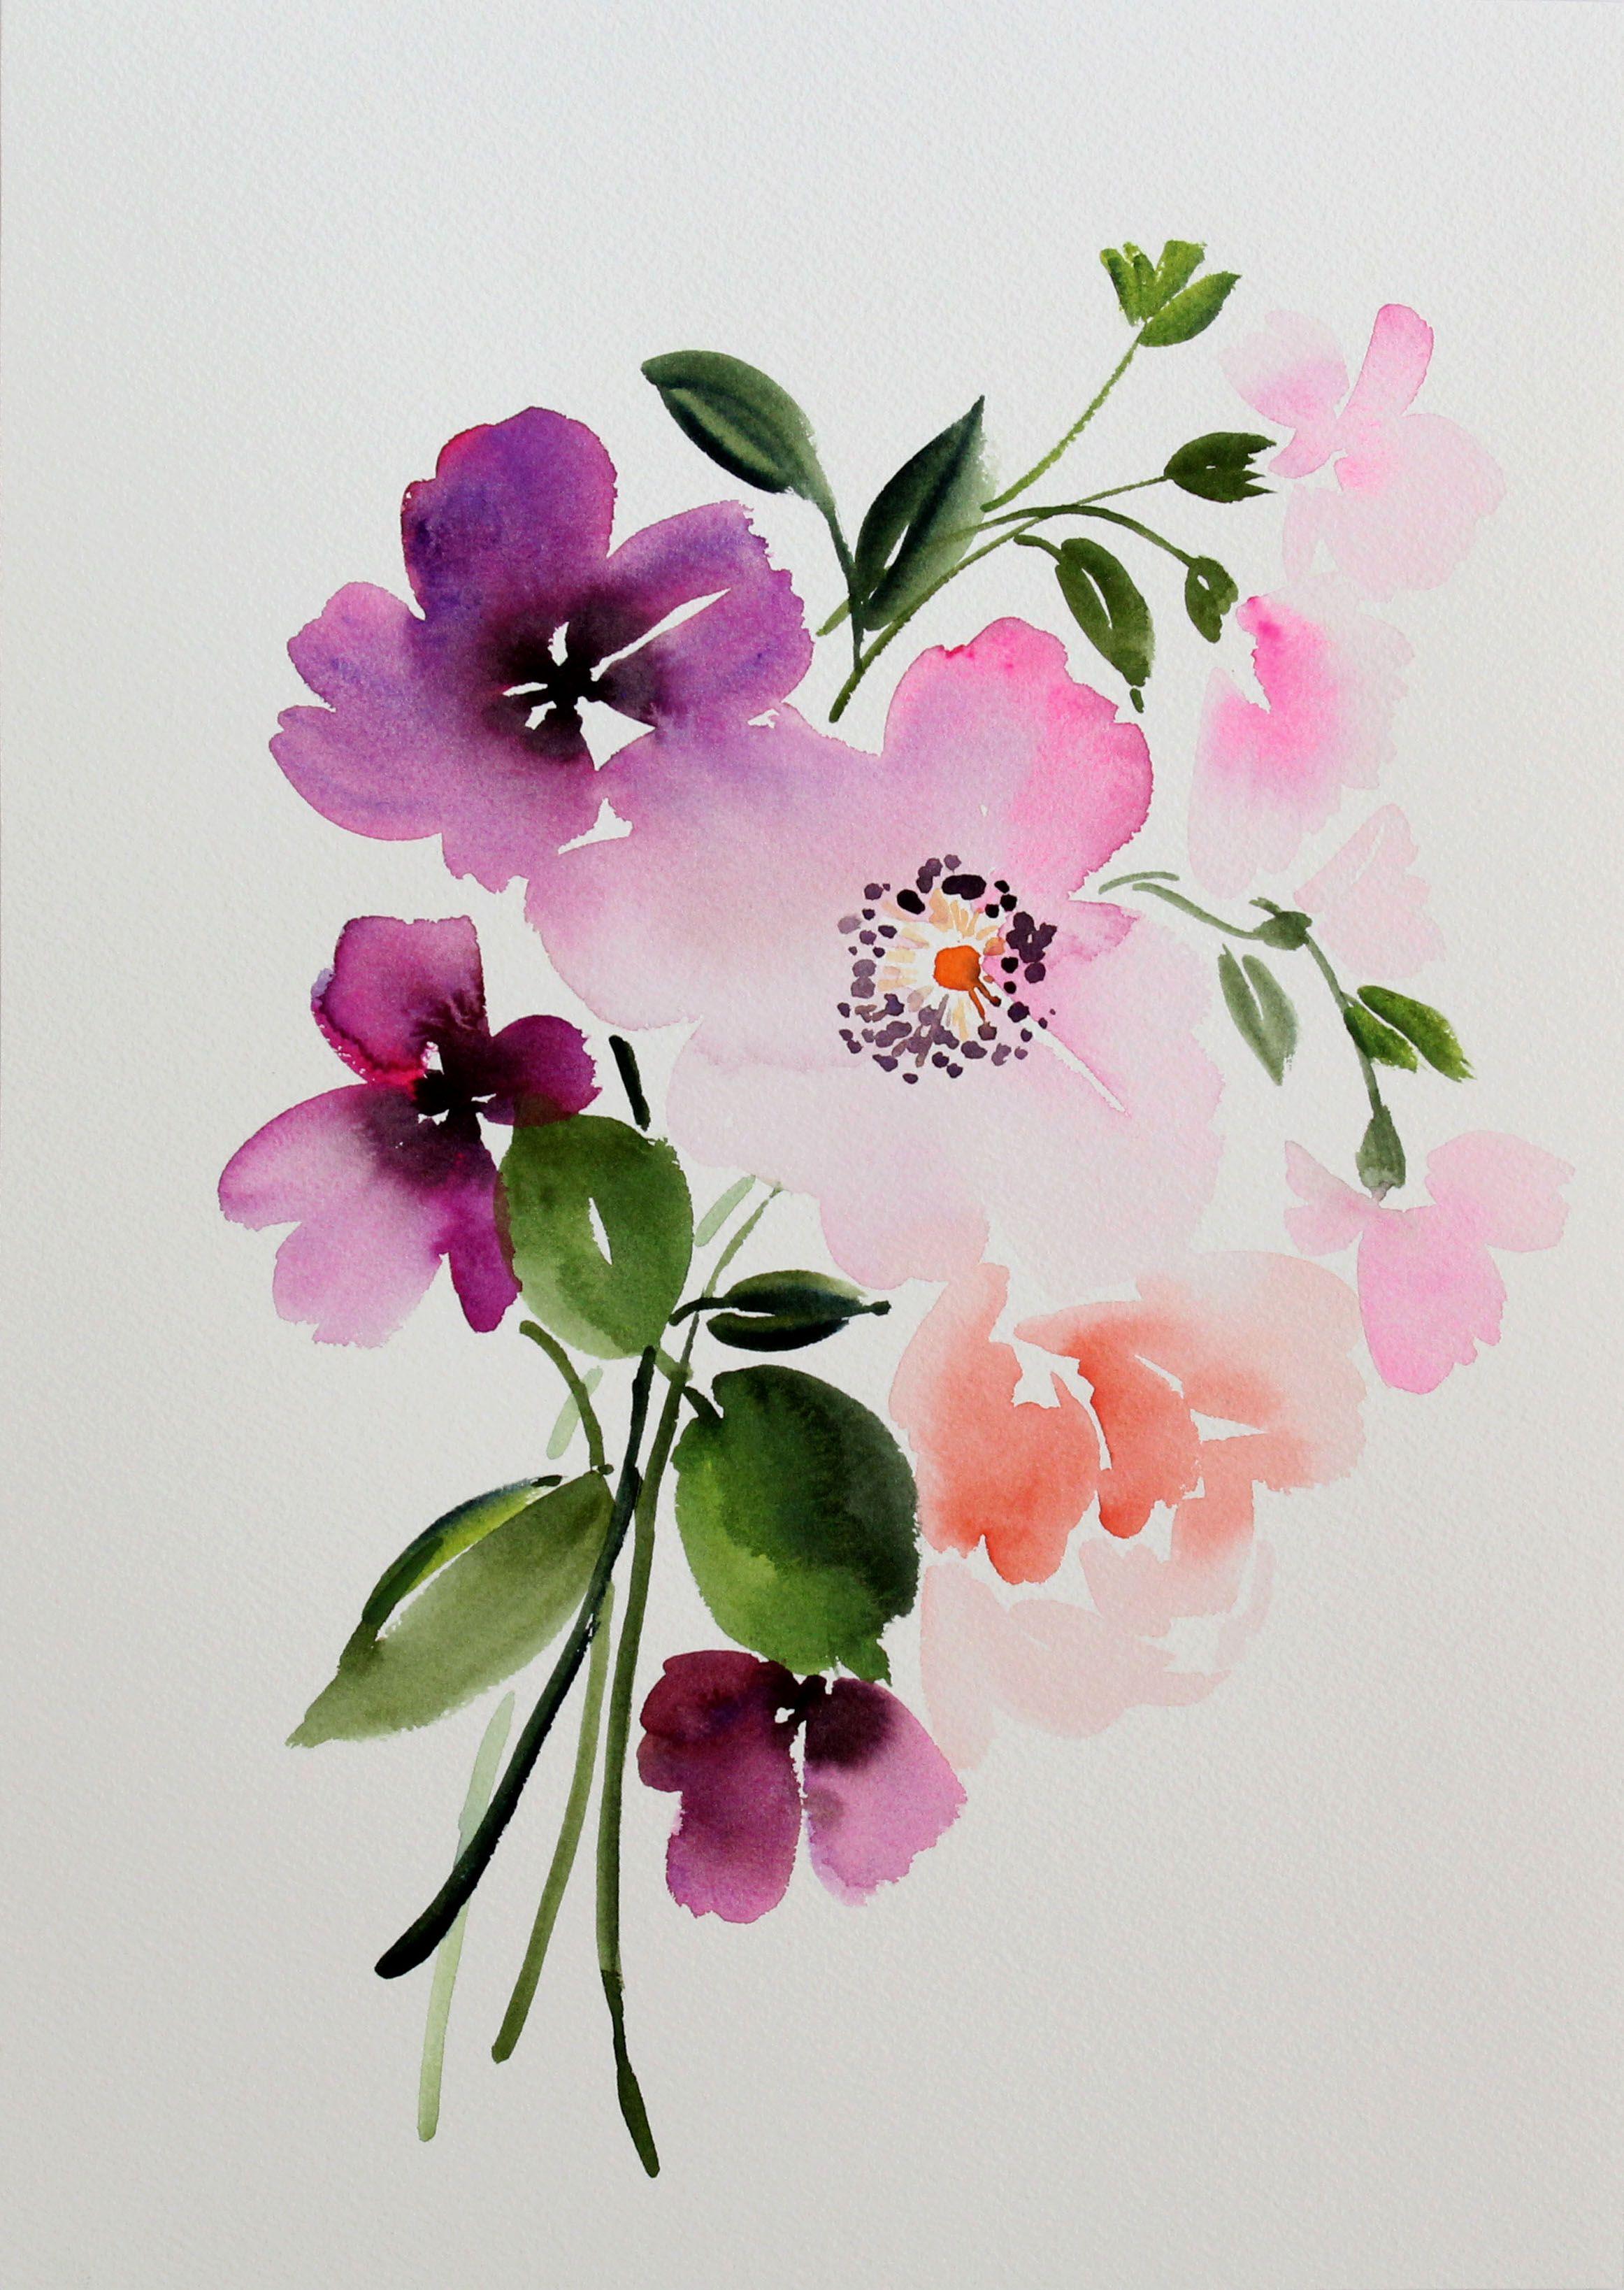 Котлаулар открыткалар, акварель цветы для открыток